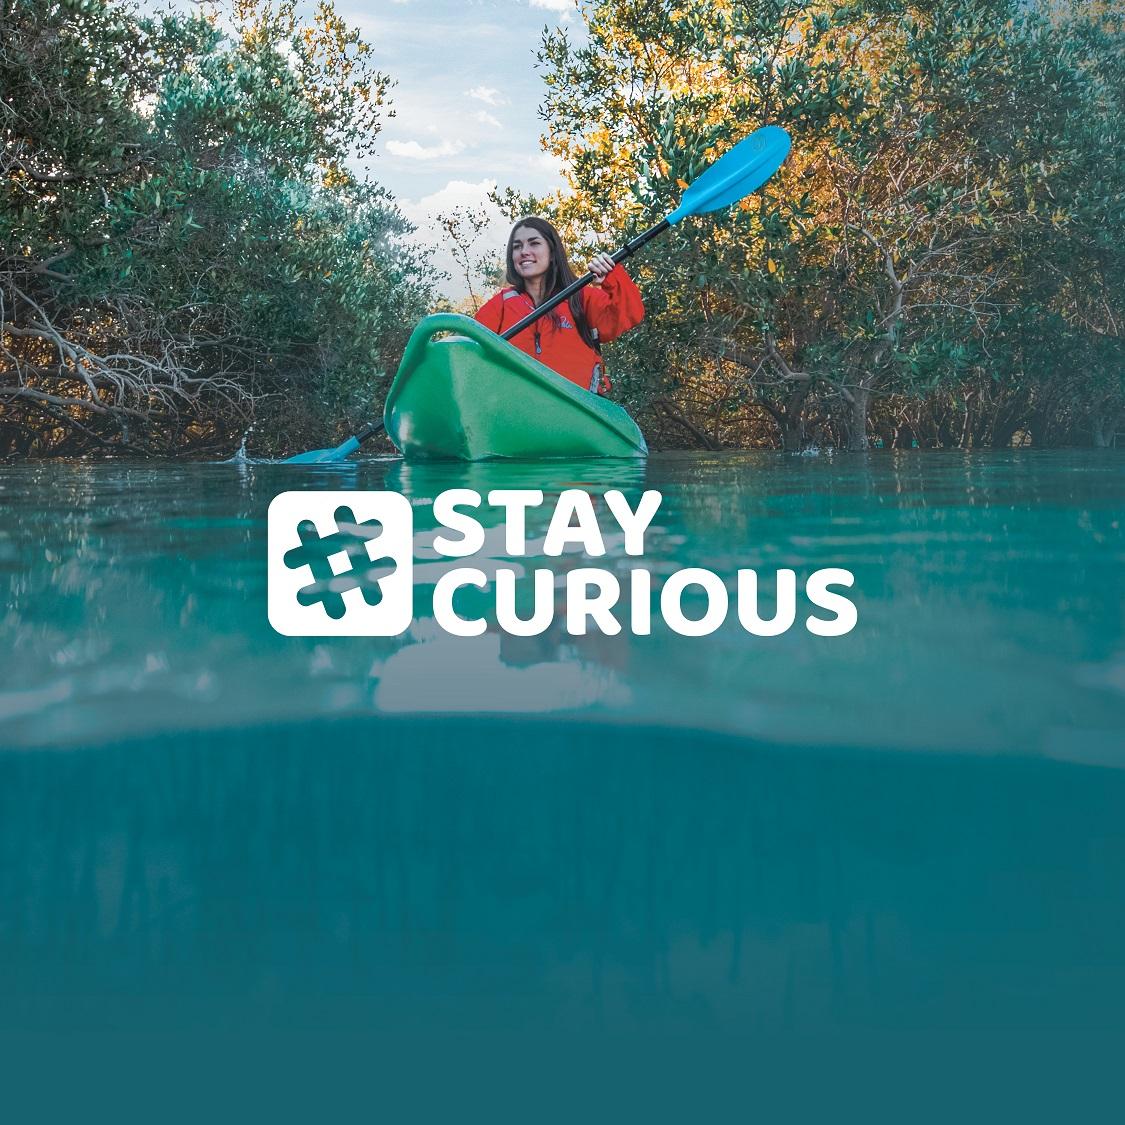 أبوظبي تطلق منصة #StayCurious التفاعلية المبتكرة لمحبي الاستكشاف حول العالم  مبادرة تعليمية وترفيهية من دائرة الثقافة والسياحة – أبوظبي